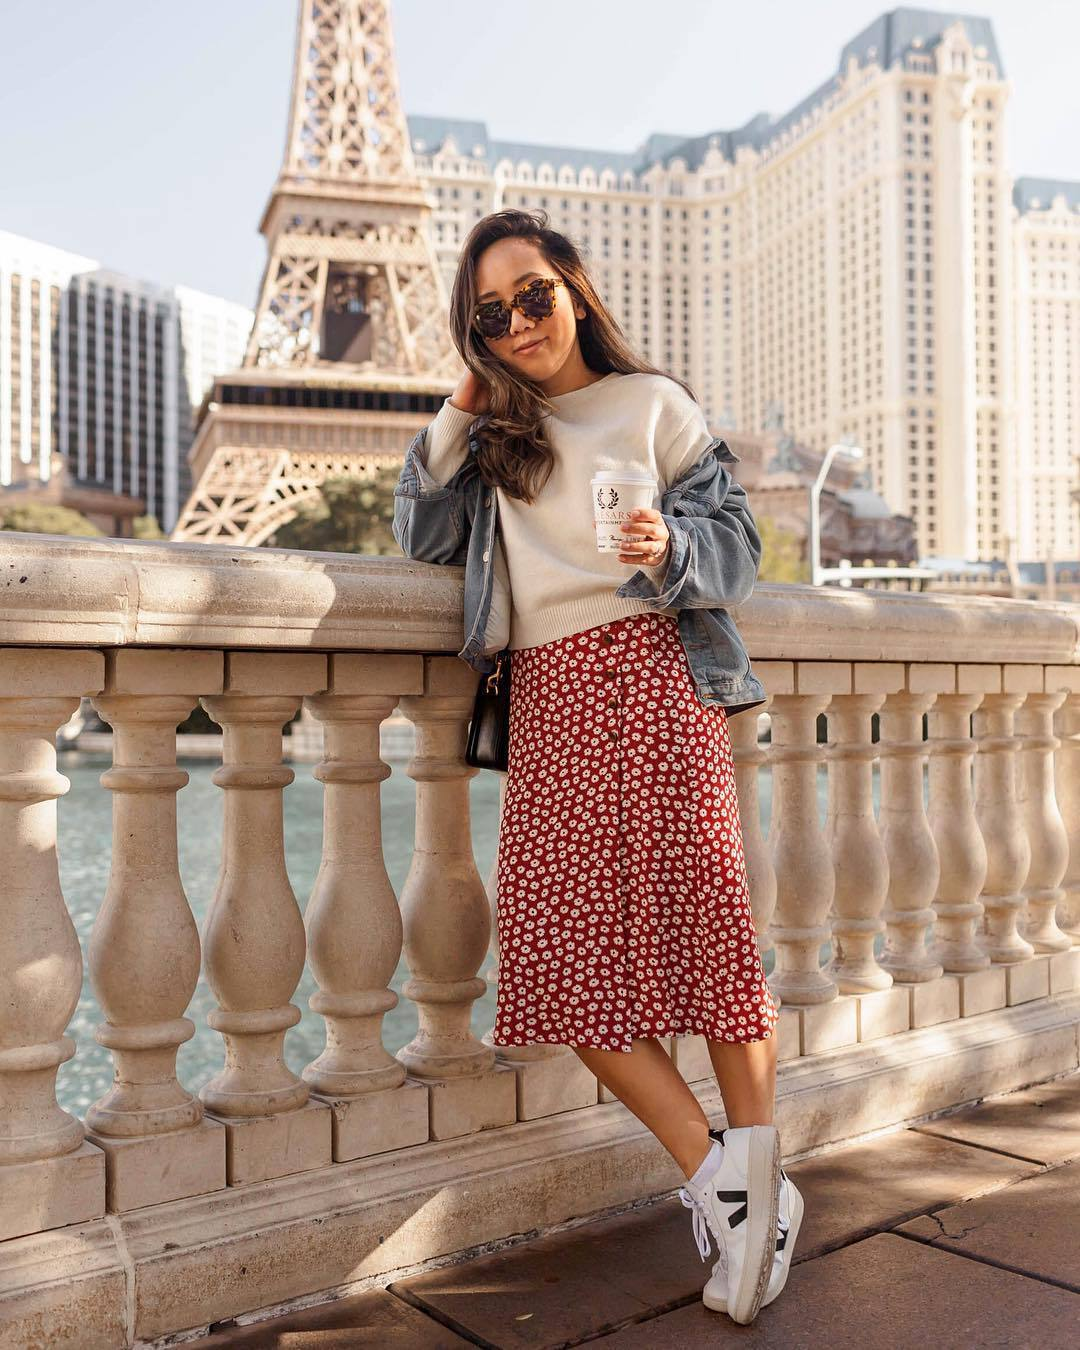 shoes white sneakers red skirt midi skirt floral skirt denim jacket black bag white sweater sunglasses